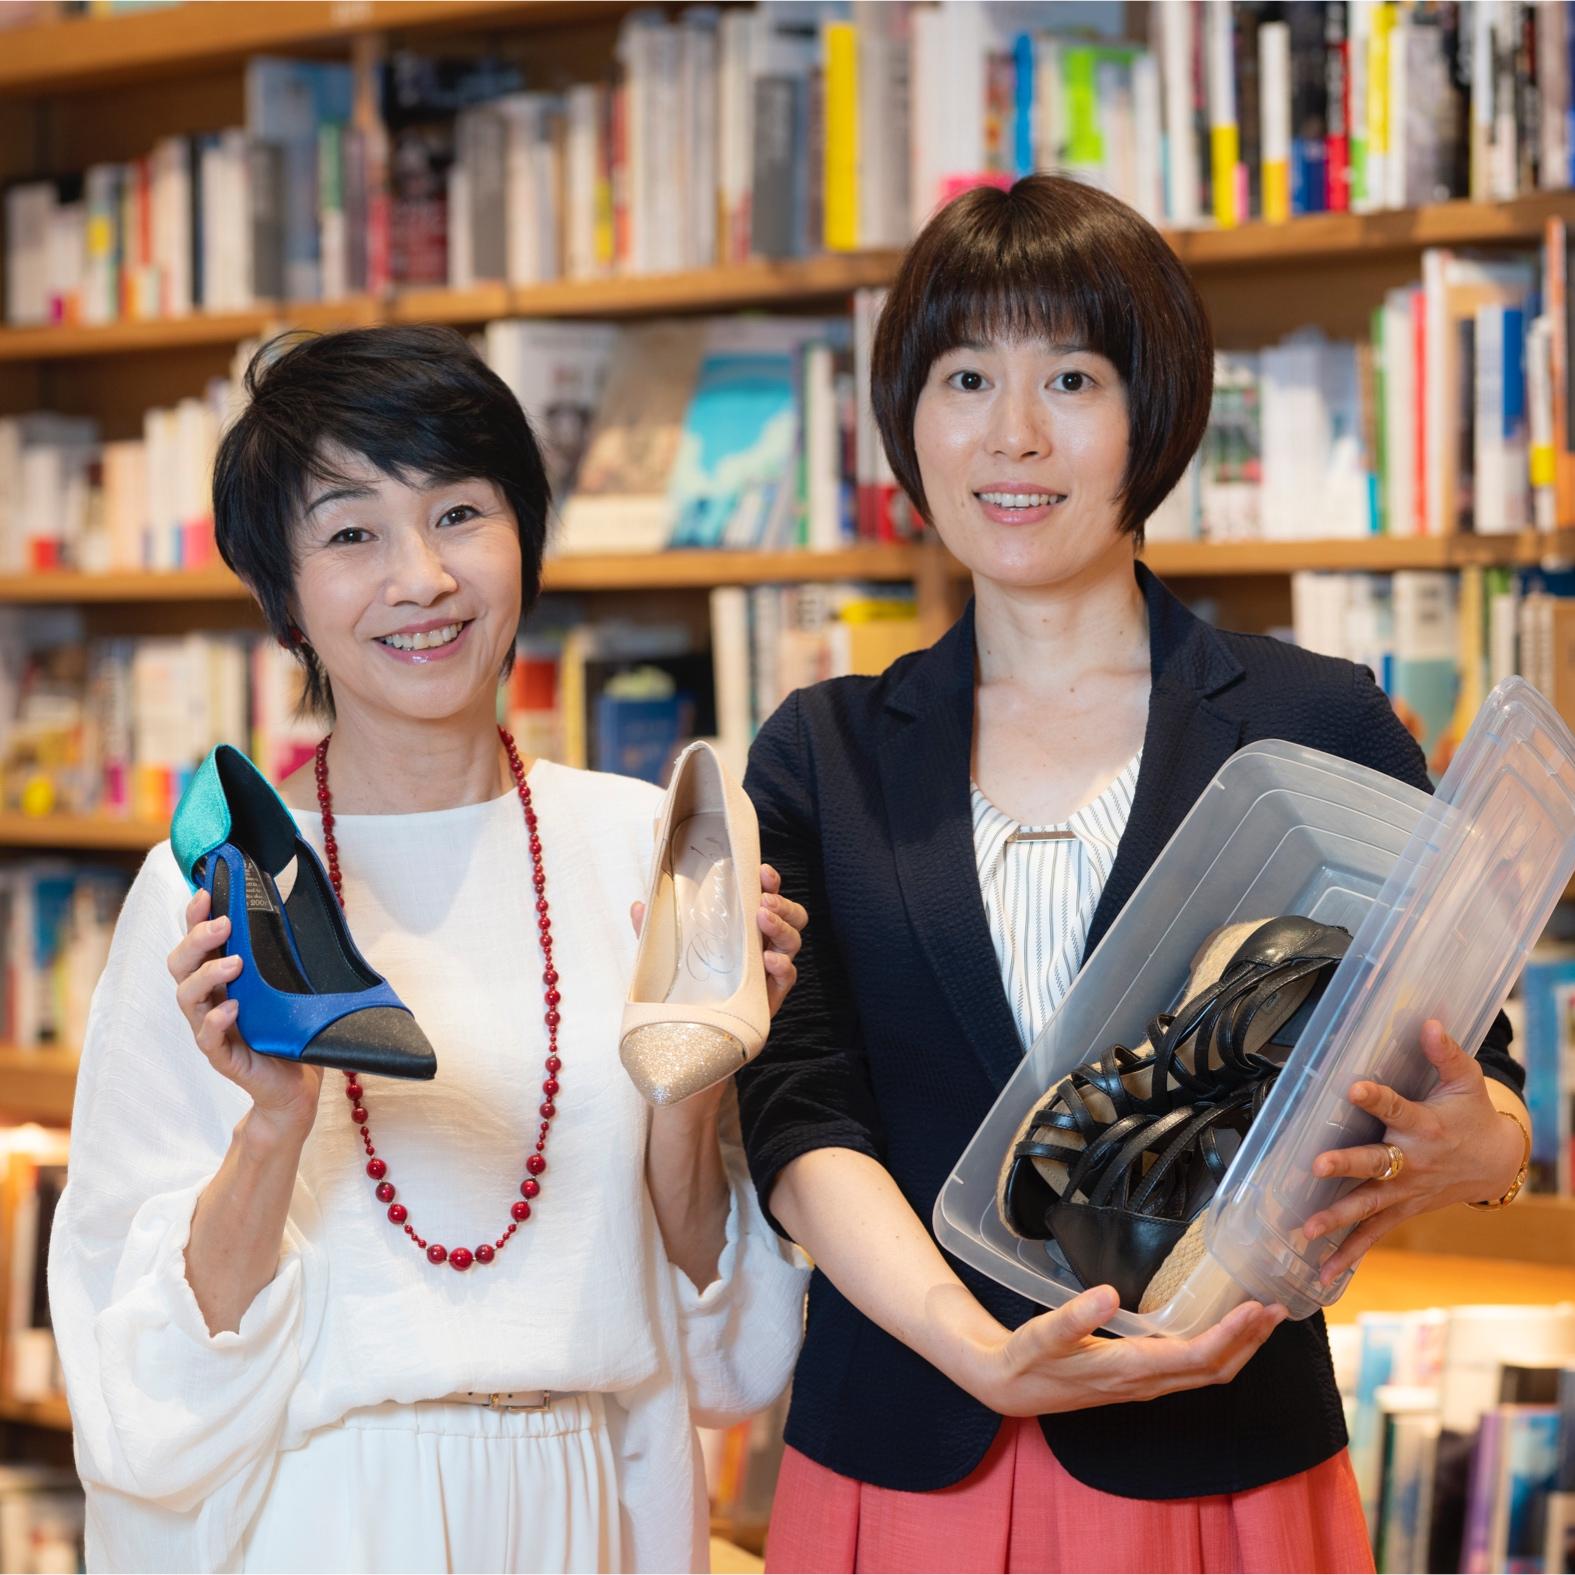 秋のおしゃれは足元から!『ファッションカラーに合わせた靴選び& 靴の衣替え!整理収納術』 セミナー